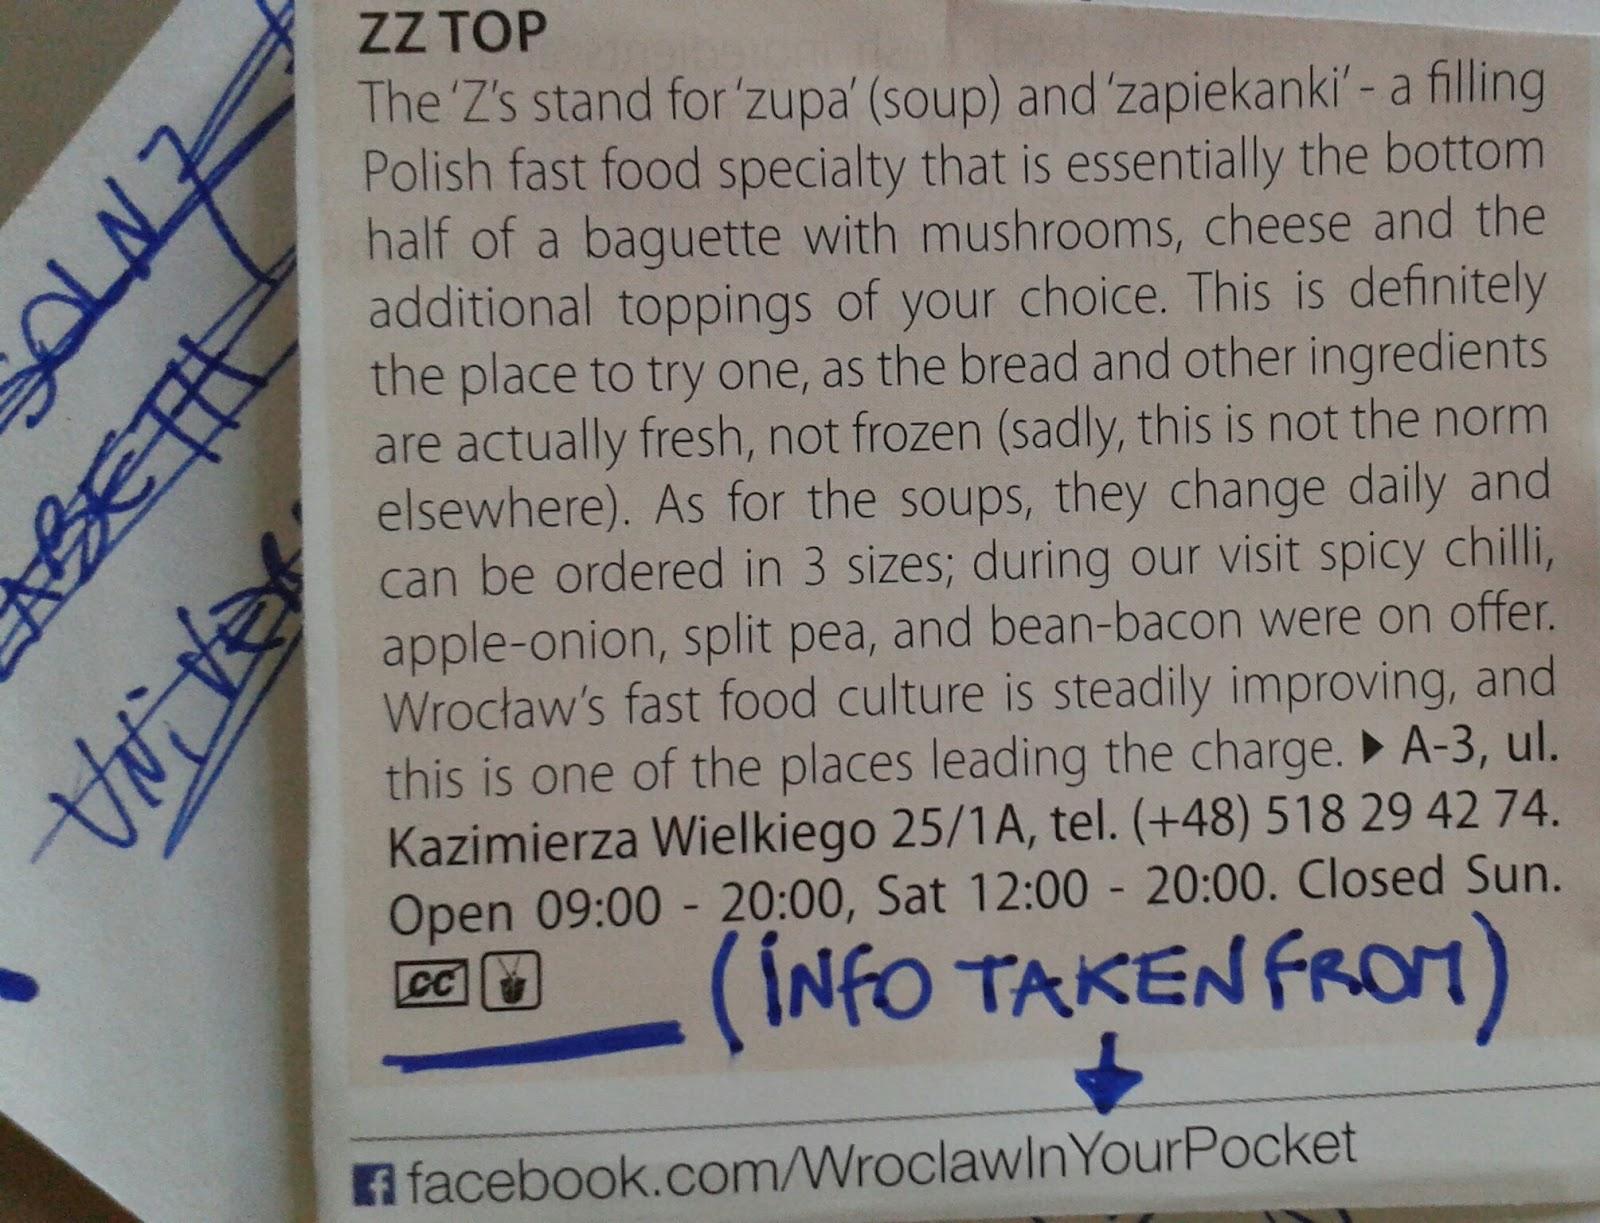 Wroclaw en su bolsillo